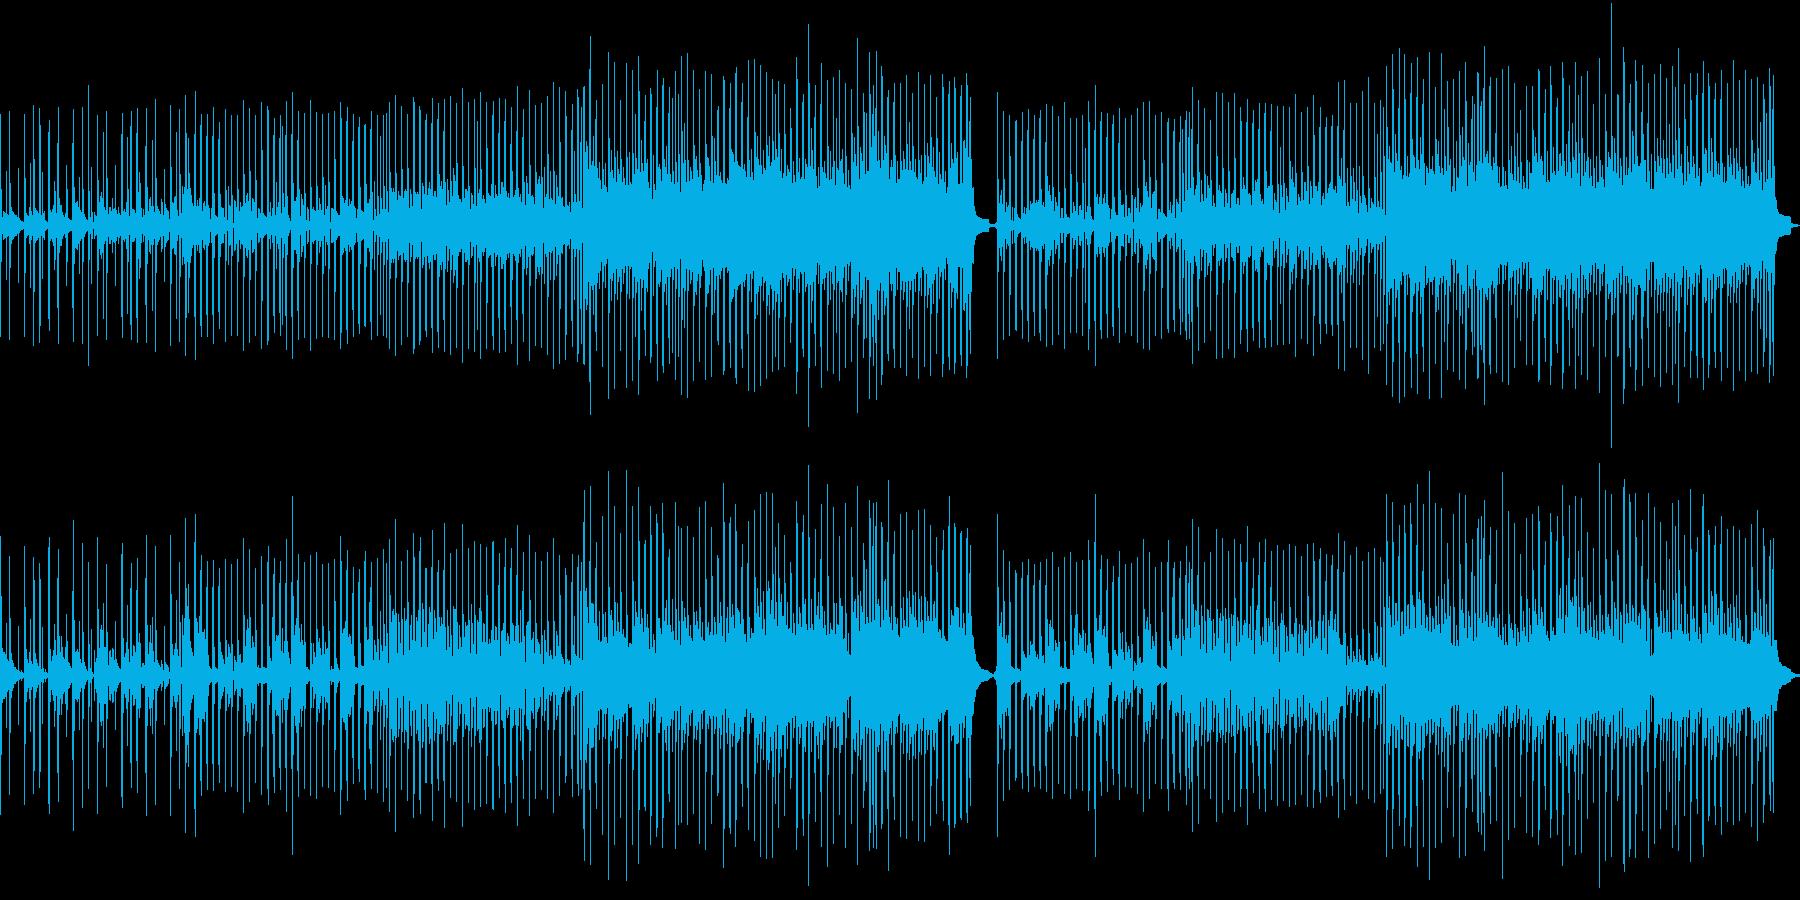 サビのメロディーが印象的なミドルテンポ曲の再生済みの波形